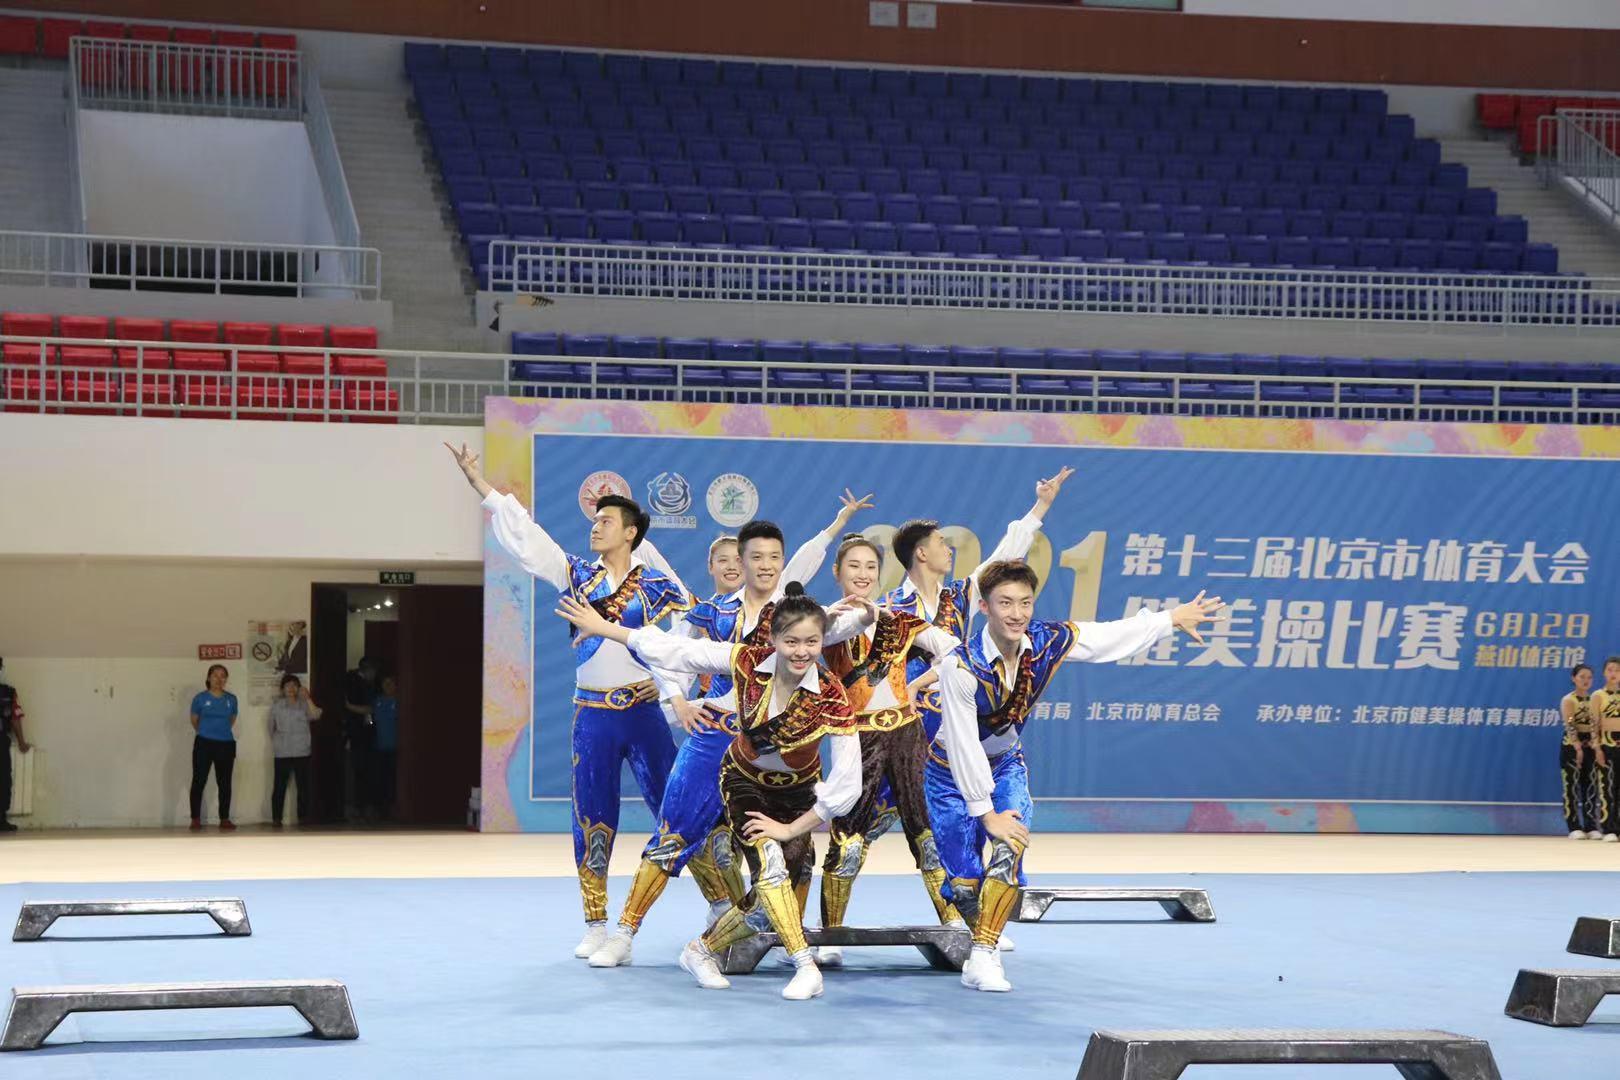 青春脚步 时代节拍 北京体育大学学生荣获第十三届北京市体育大会健美操比赛多项第一